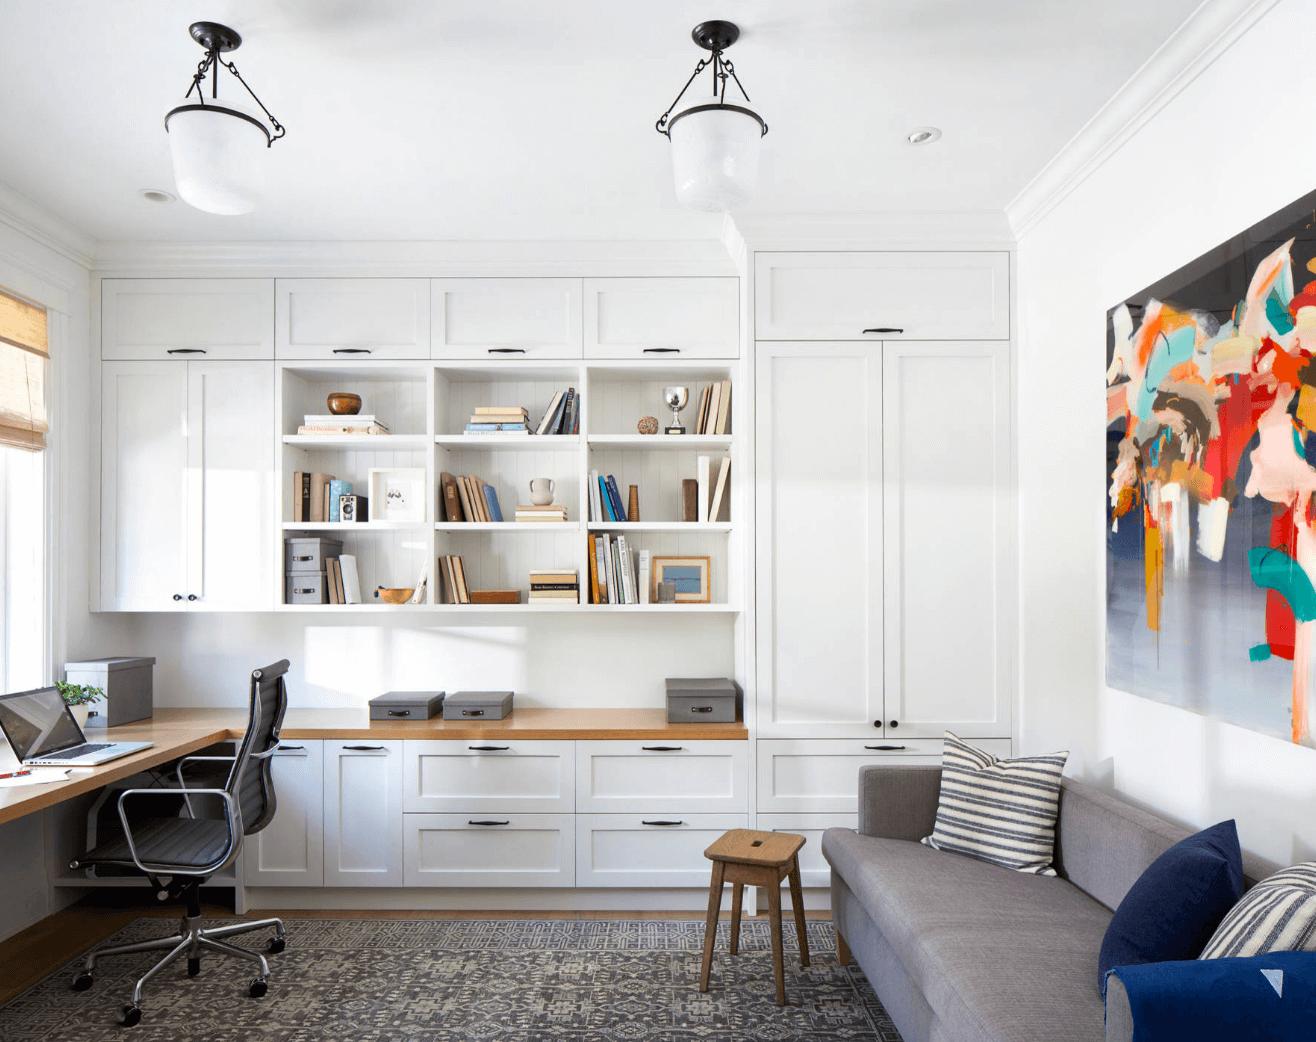 在起居室的窗台邊搭配張椅子,就是舒適工作空間